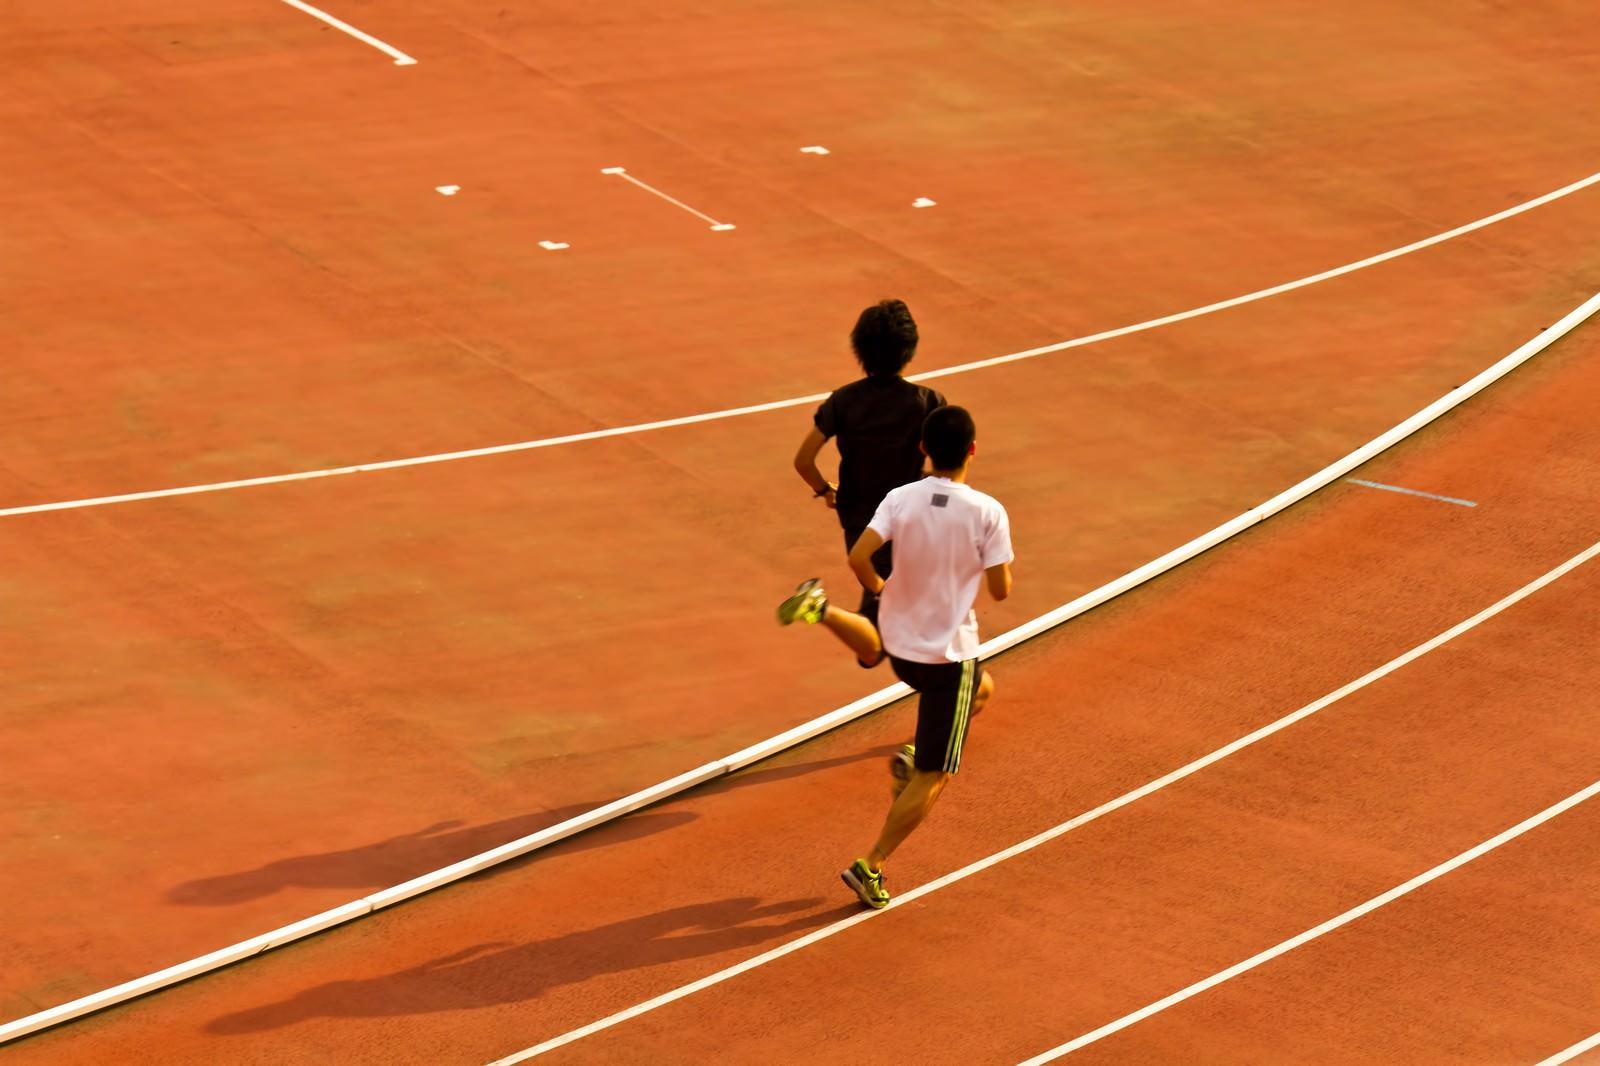 「競技場を走る陸上選手競技場を走る陸上選手」のフリー写真素材を拡大